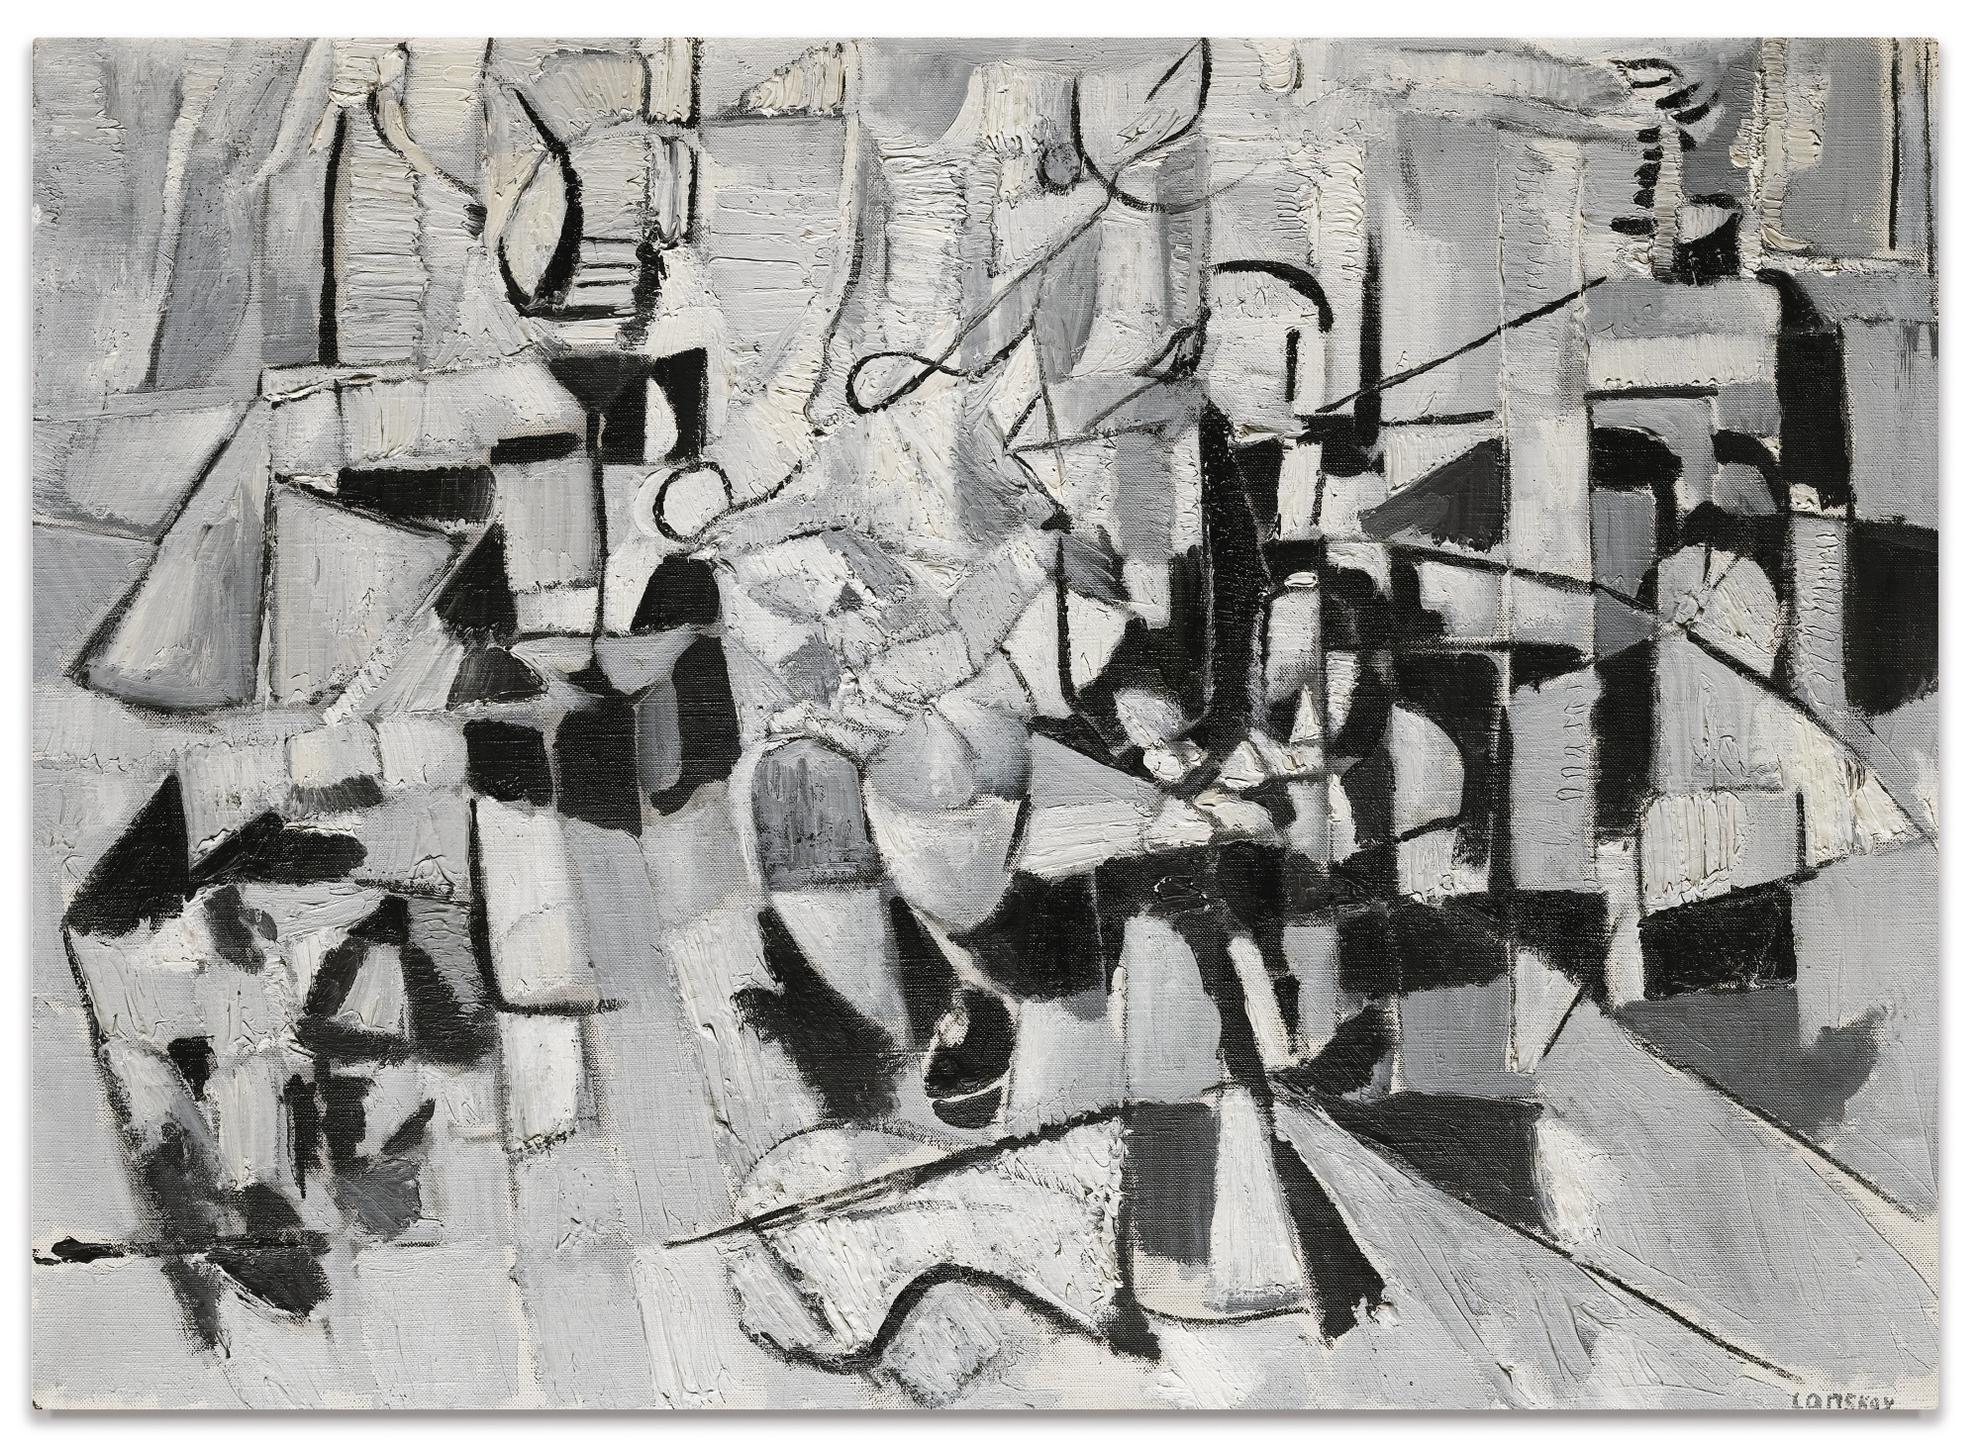 Andre Lanskoy-Habitation Imaginaire-1956